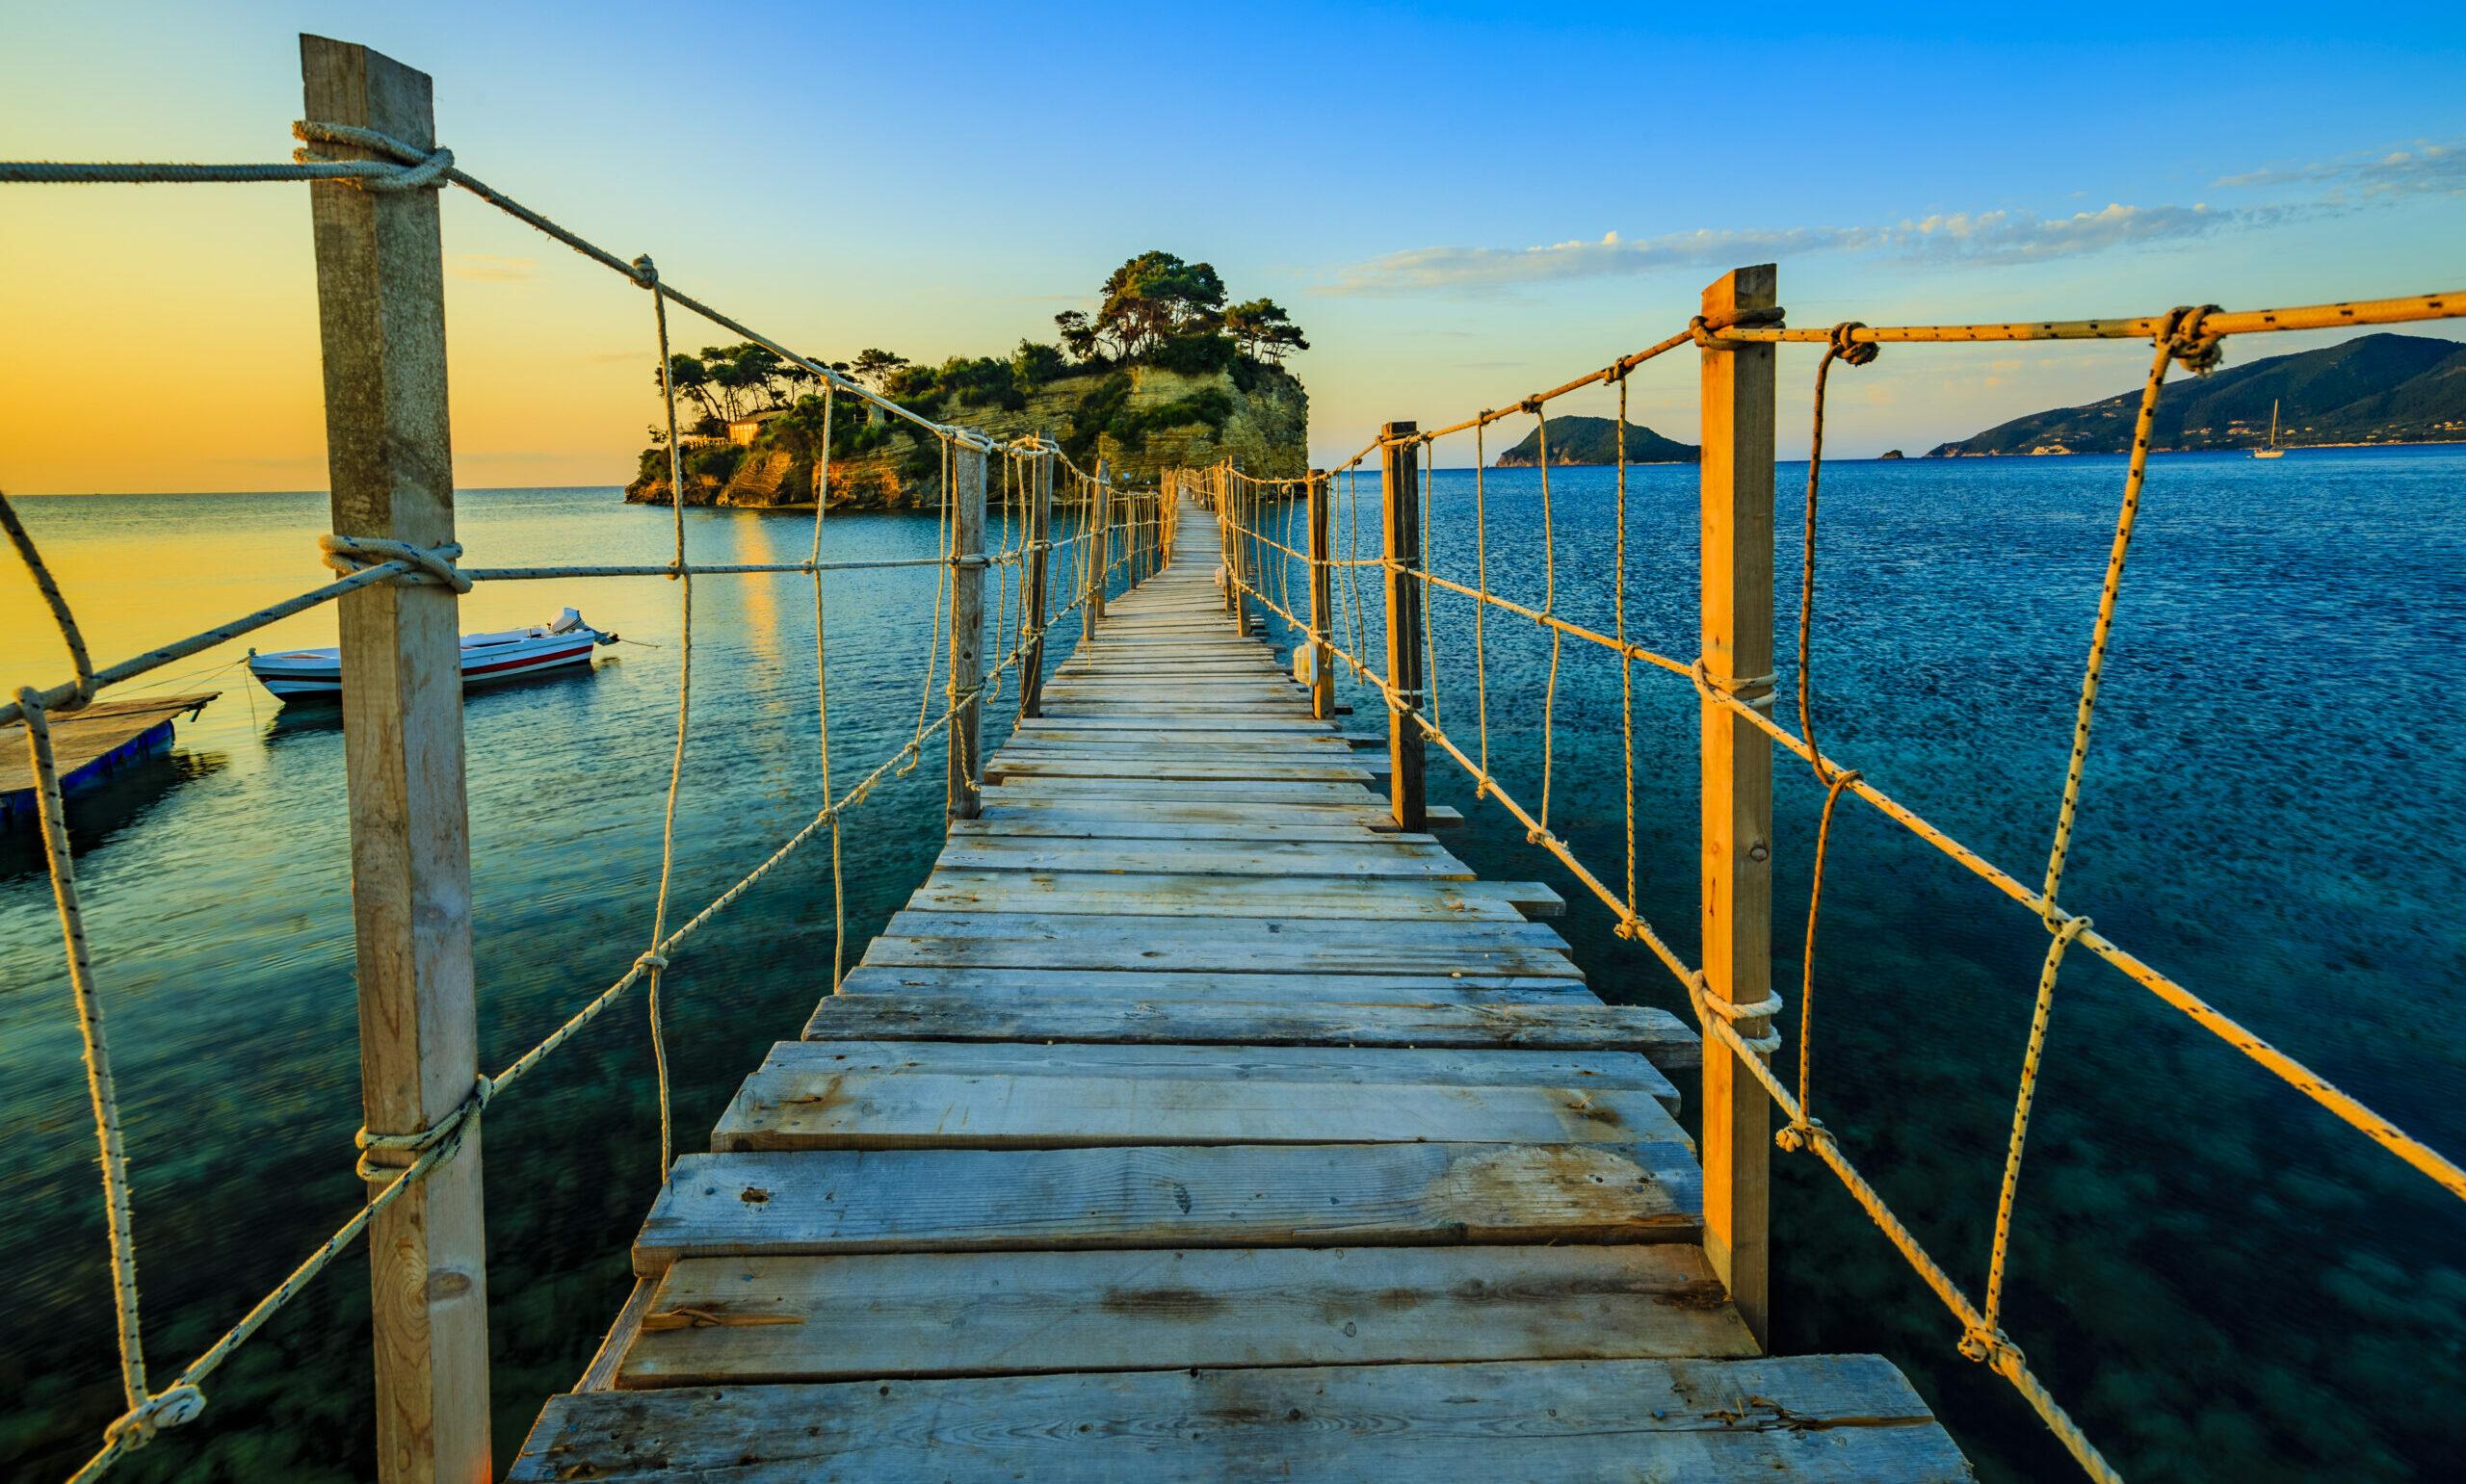 Agios Sostis: is this Zakynthos or the Caribbean?